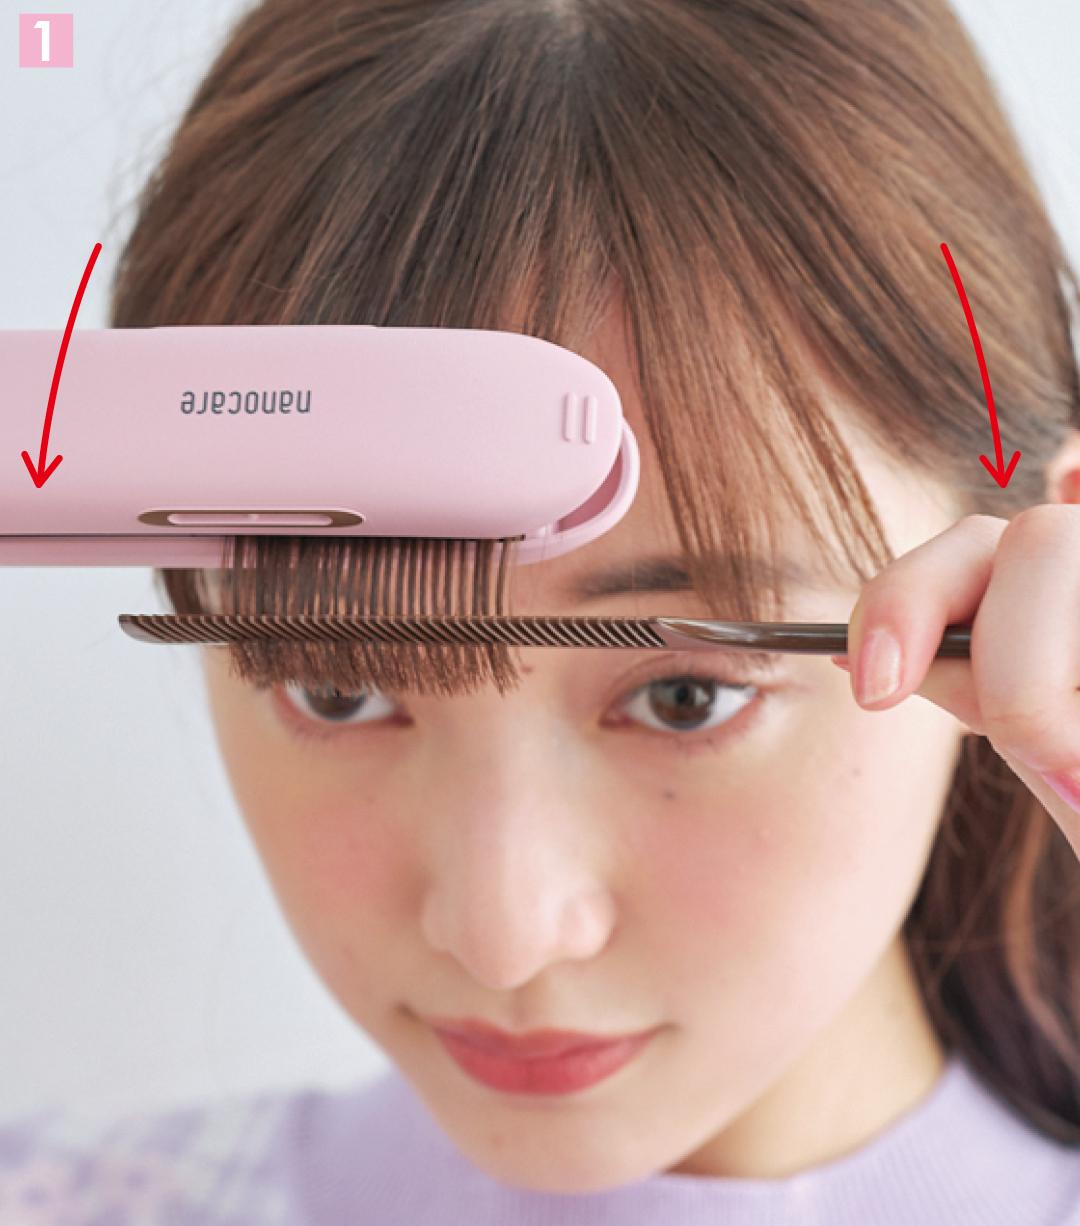 前髪のタイプ別★巻き髪のやり方3パターンを超ていねい解説!_1_9-1